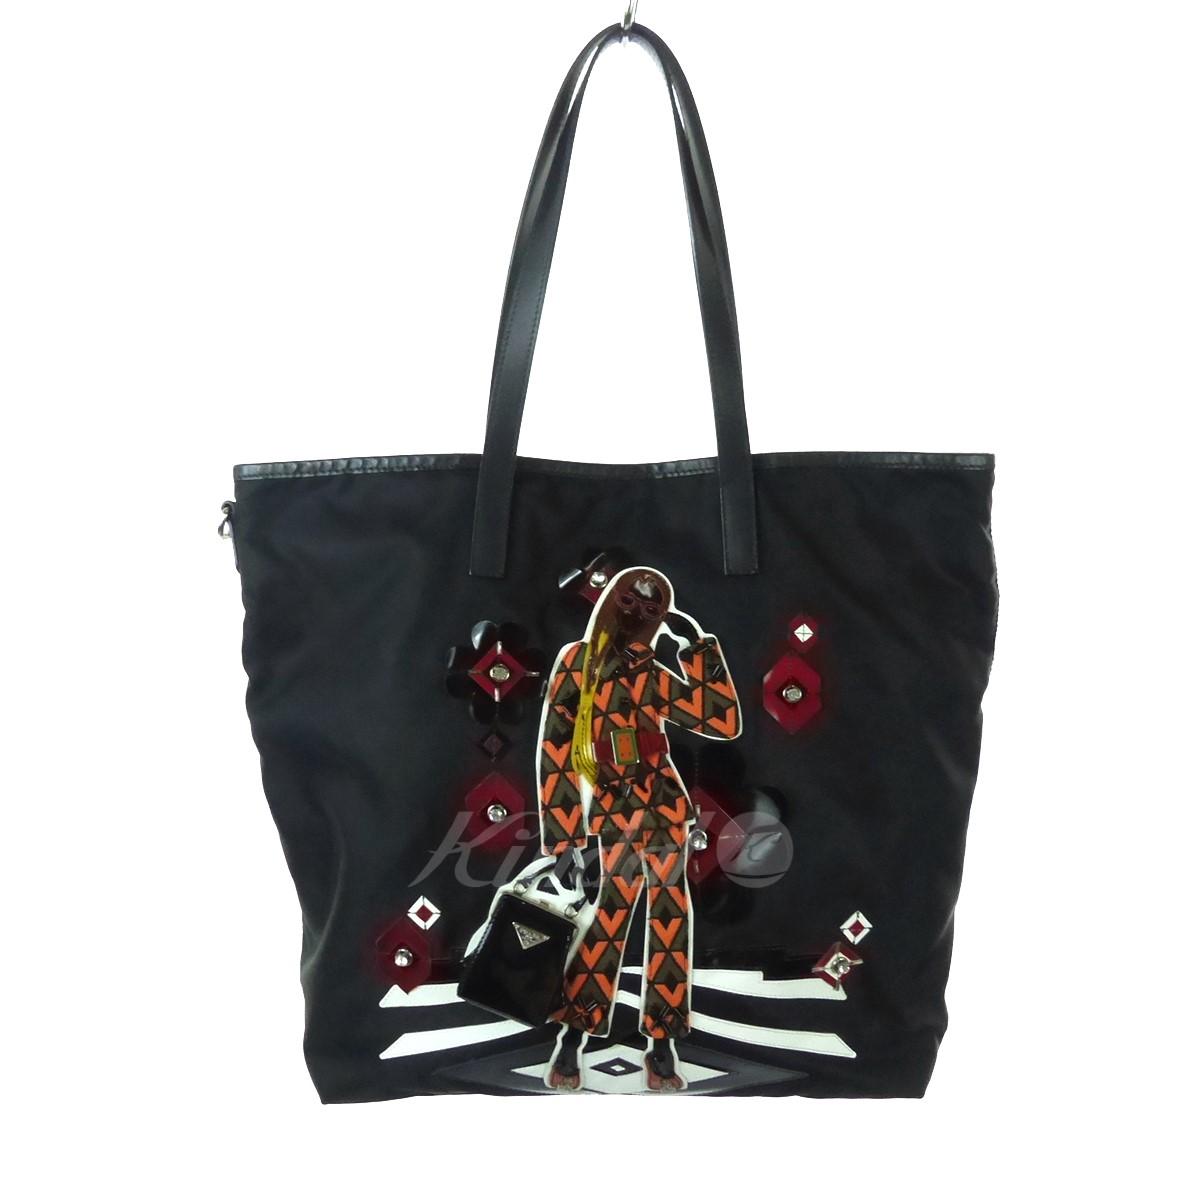 【中古】PRADA 装飾トートバッグ ブラック サイズ:- 【送料無料】 【310119】(プラダ)